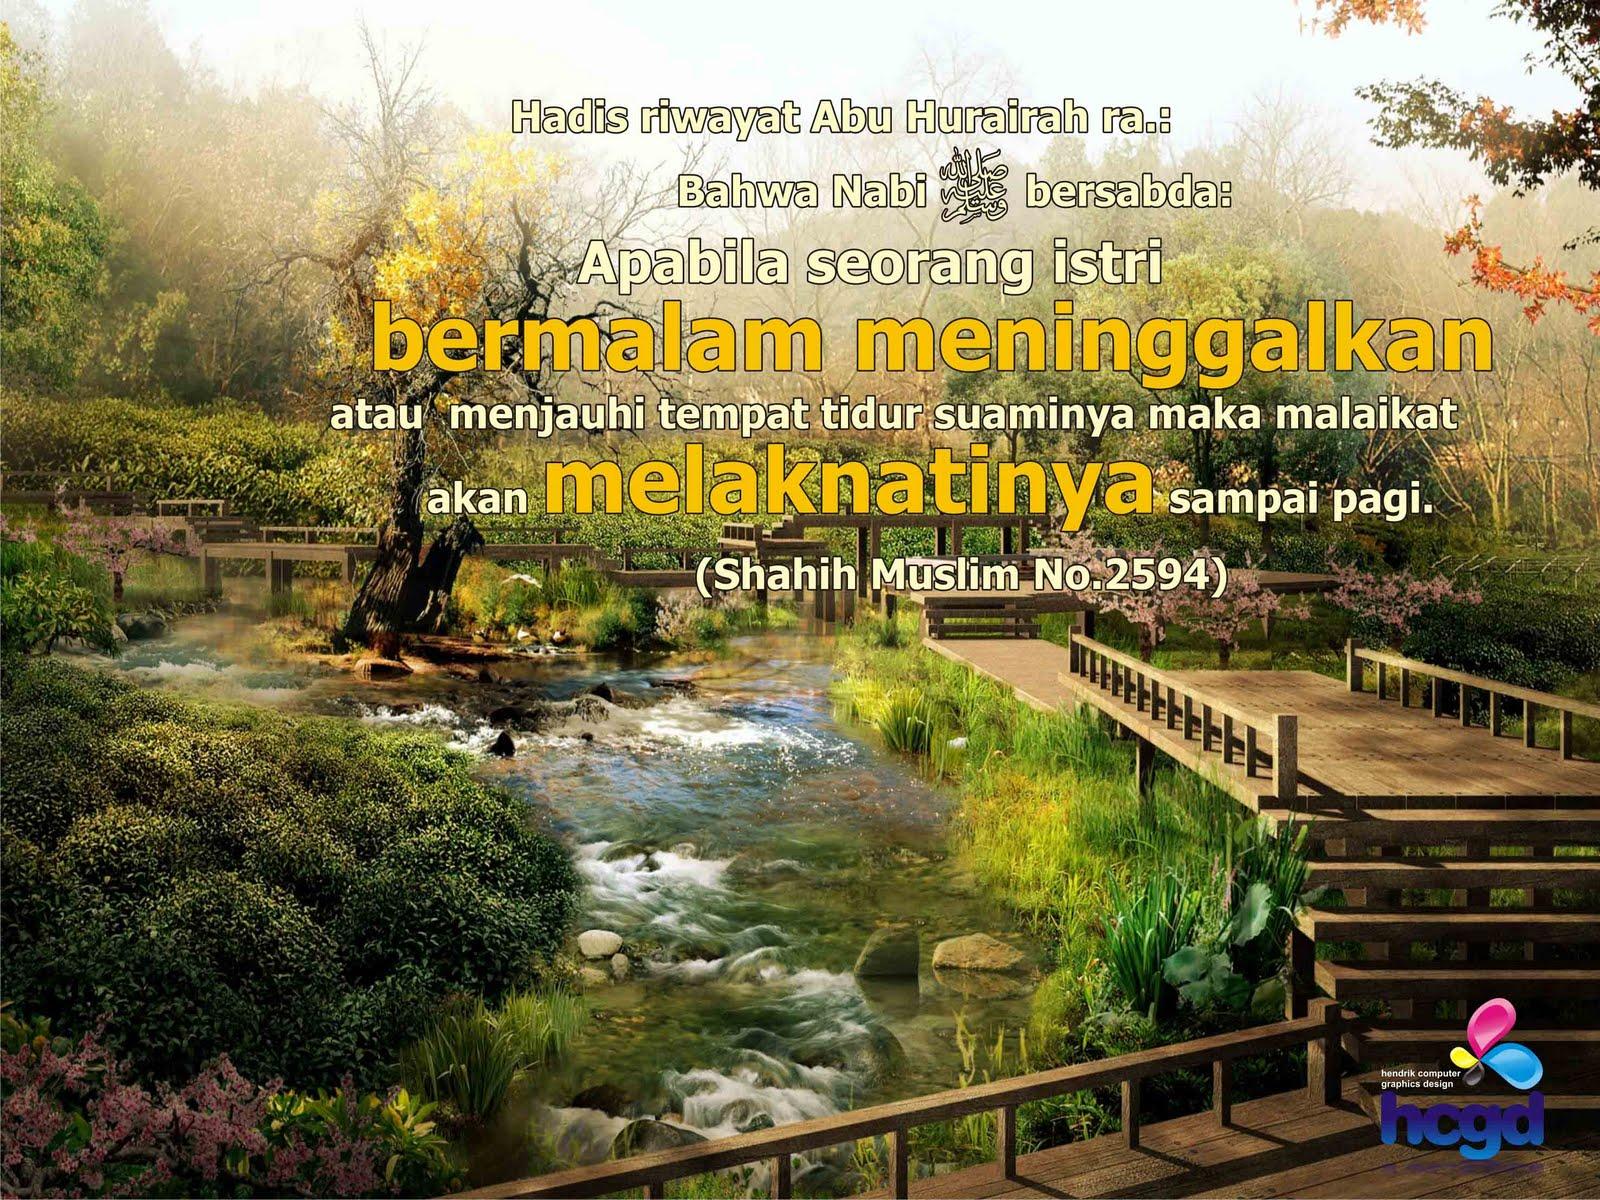 http://2.bp.blogspot.com/-K7eDQviq7Mg/TtnmR6i7Q_I/AAAAAAAAAxw/t0cqiaGkS7E/s1600/Wallpaper%2Bislami%2B16.jpg